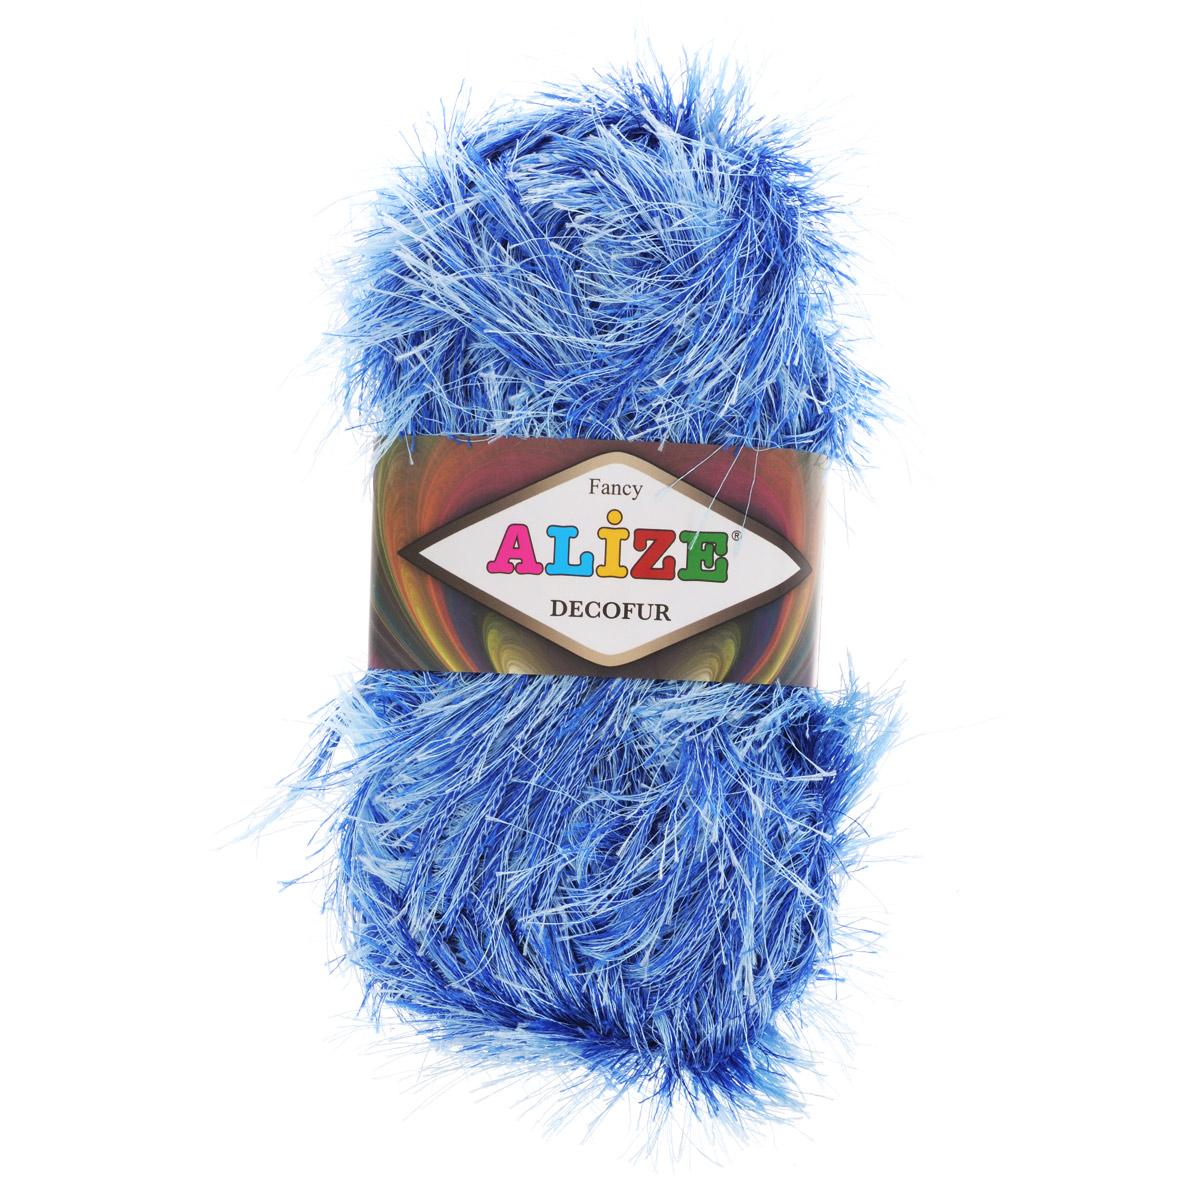 Пряжа для вязания Alize Decofur, цвет: синий, голубой (1370), 110 м, 100 г, 5 шт364128_1370Пряжа для вязания Alize Decofur изготовлена из полиэстера. Пряжа-травка предназначена для ручного вязания и идеально подходит для отделки. Готовый ворс получается равным 4 см. Рекомендованные спицы для вязания 6-8 мм. Рекомендованный крючок для вязания 3-4 мм. Комплектация: 5 мотков. Состав: 100% полиэстер.